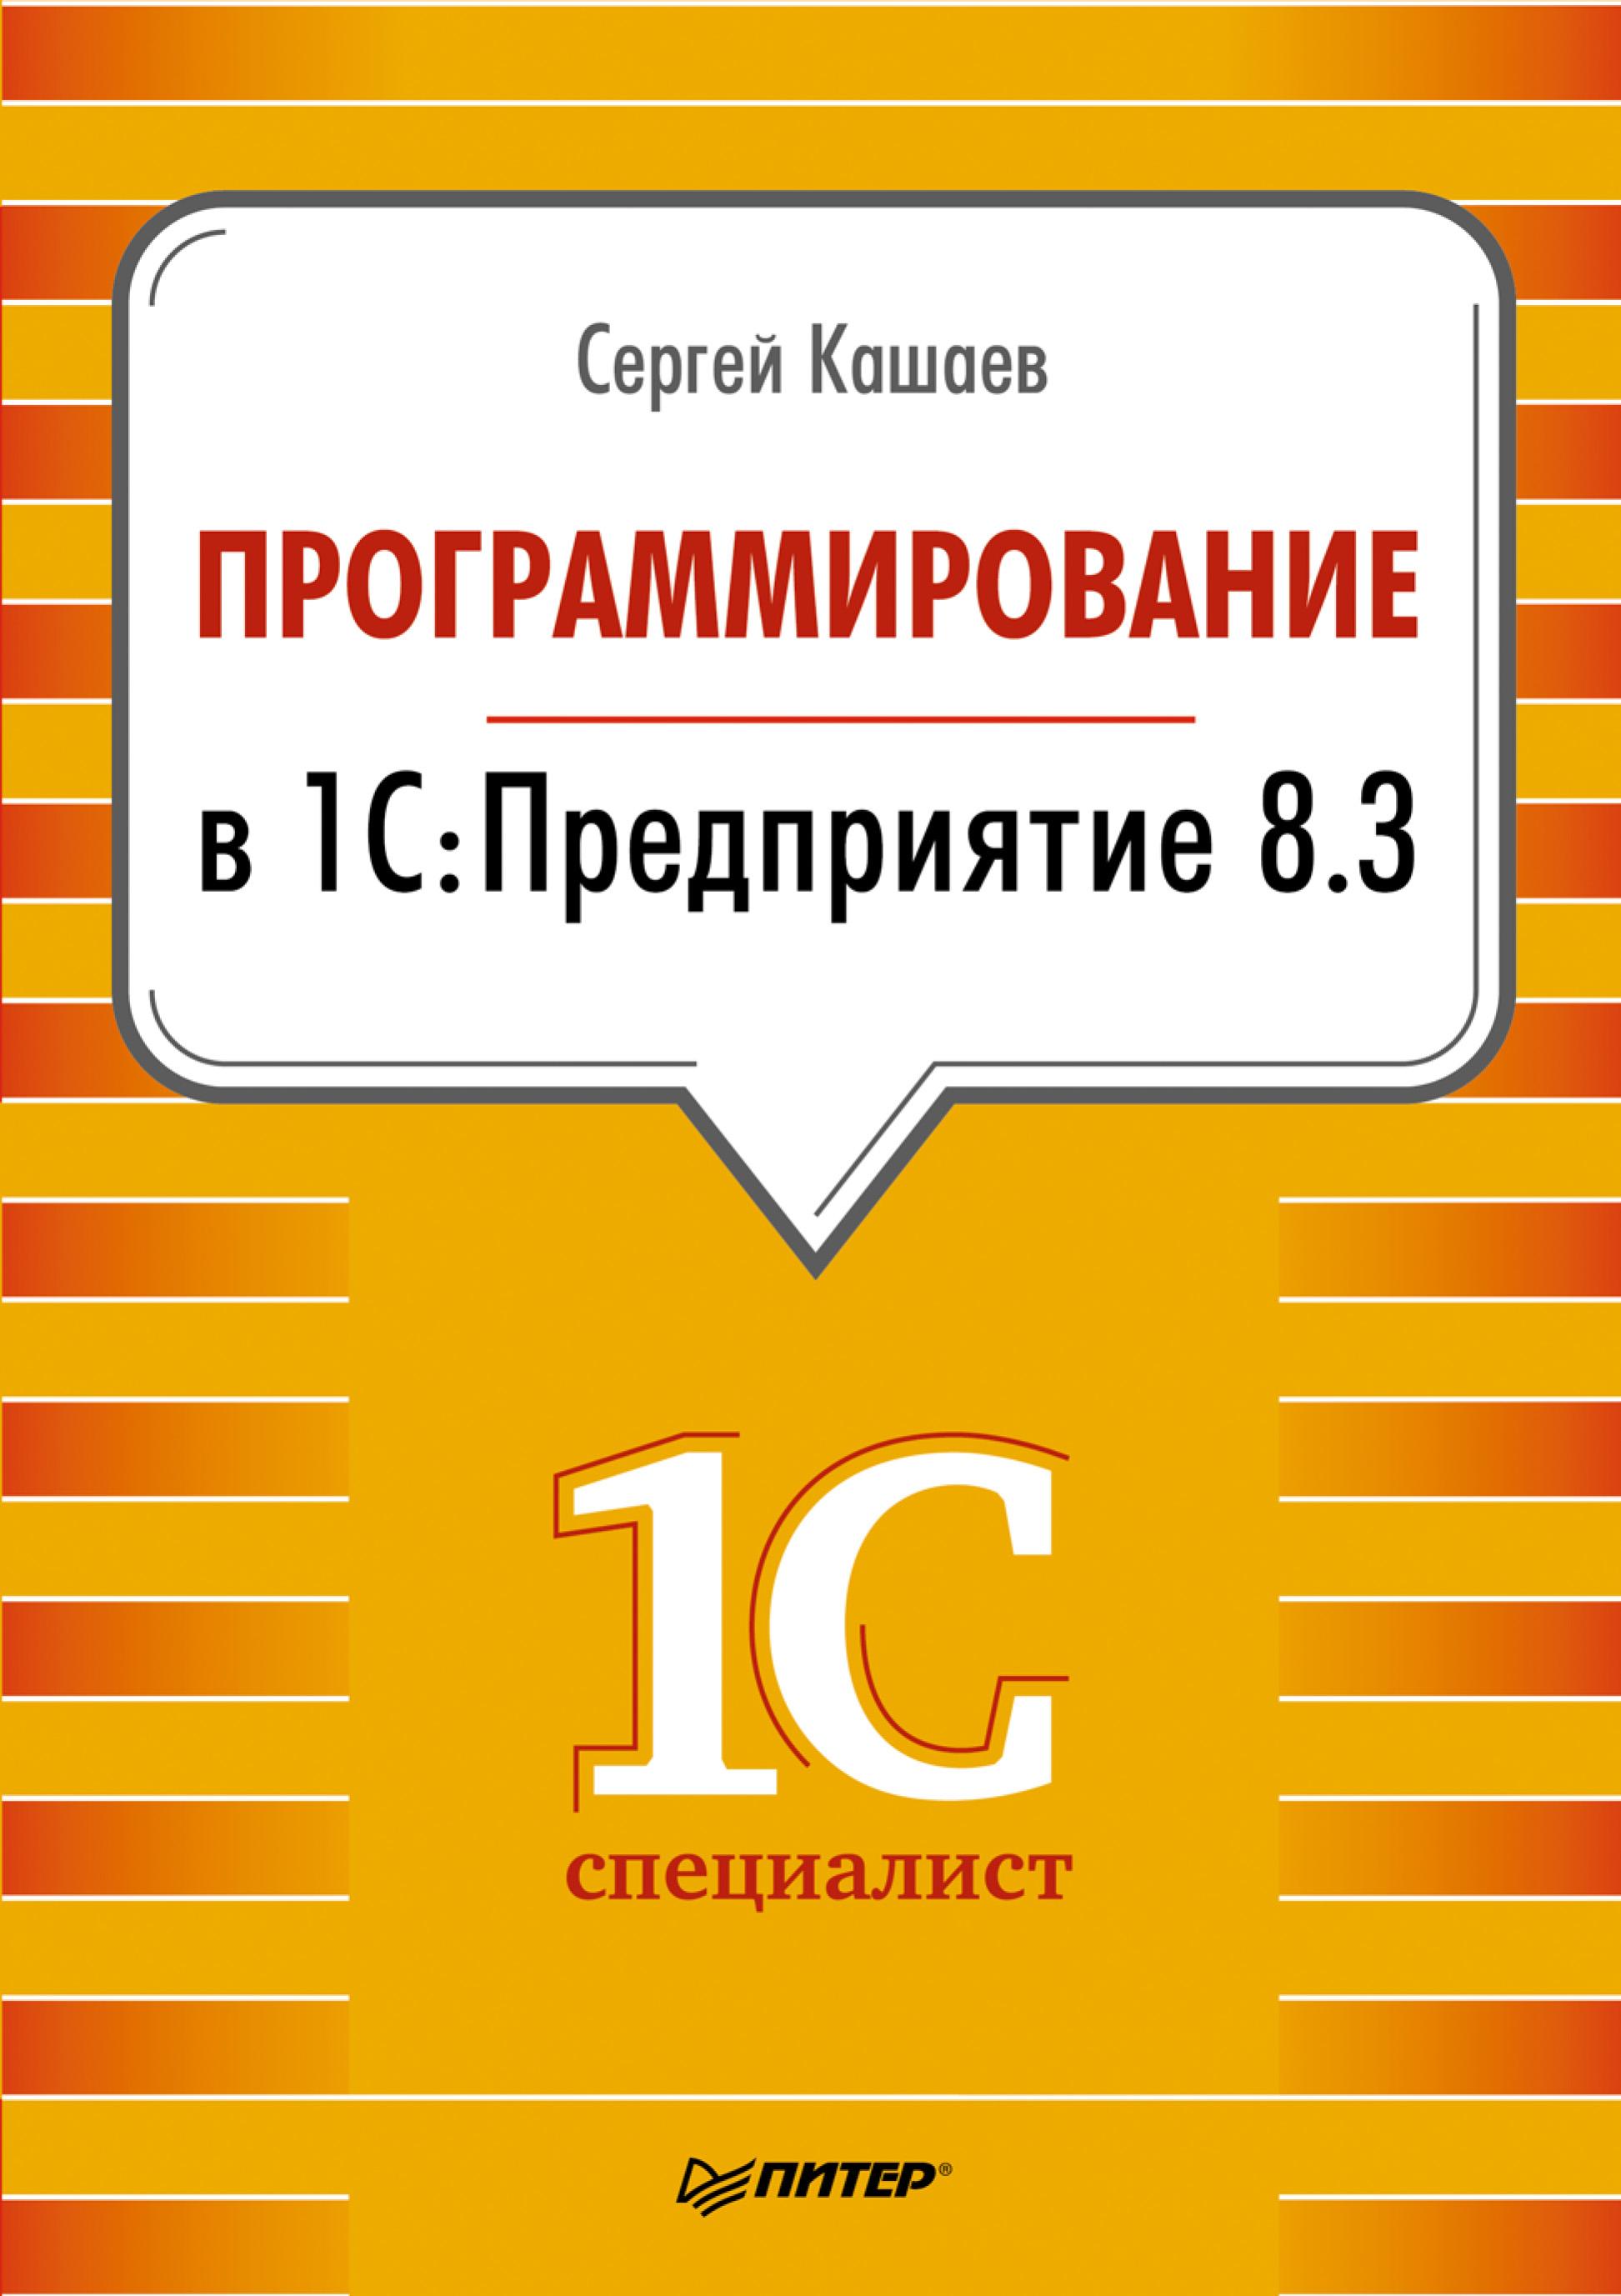 Сергей Кашаев Программирование в 1С:Предприятие 8.3